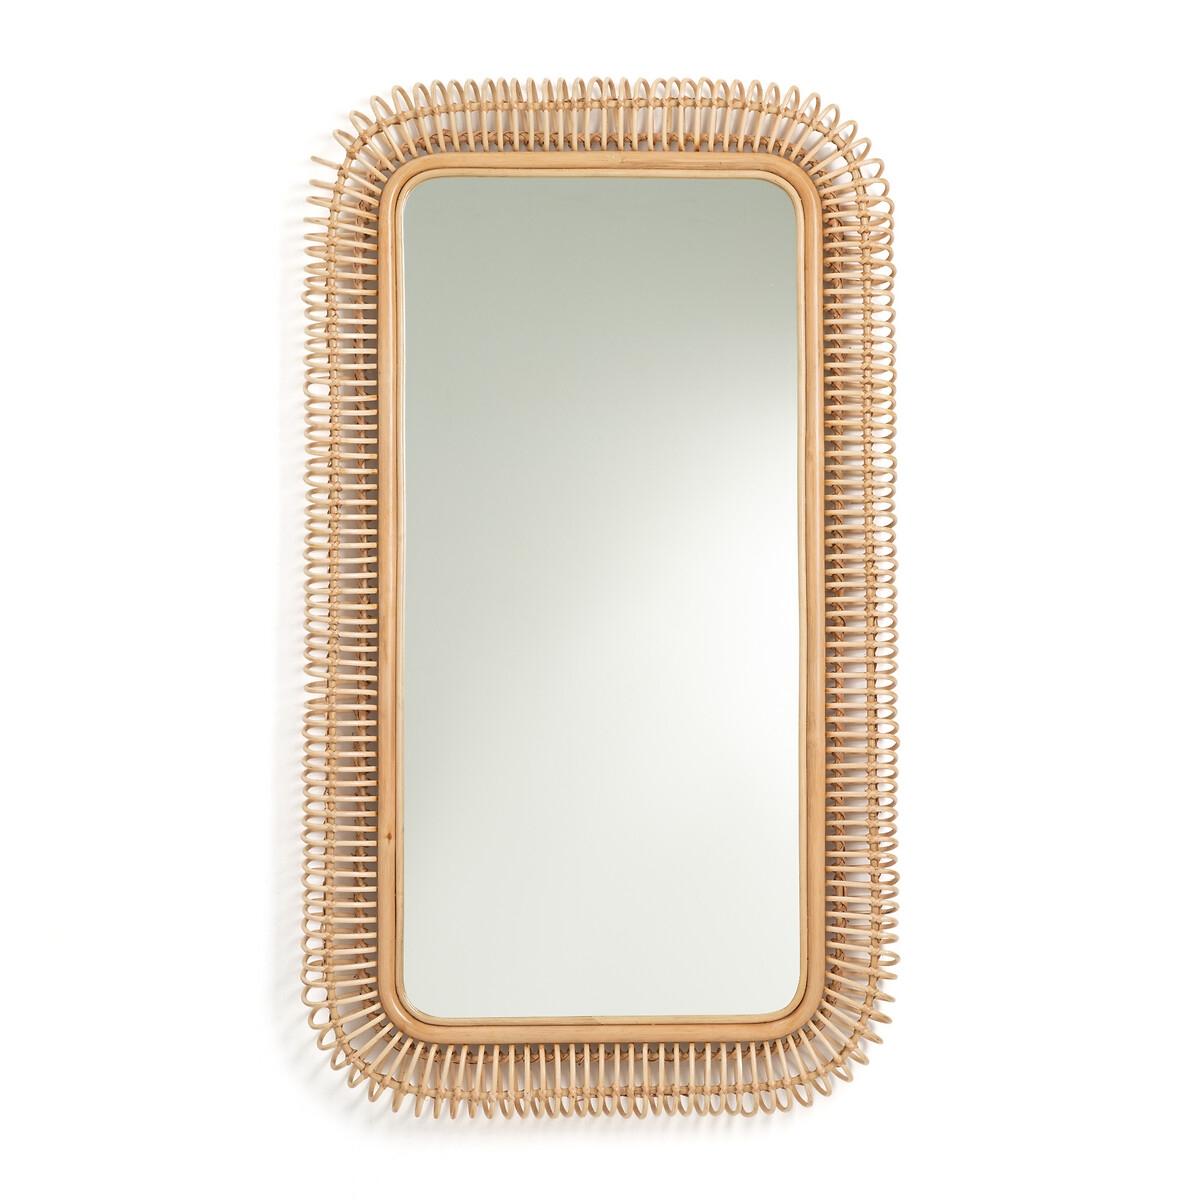 Зеркало LaRedoute Из ротанга В140 Tarsile единый размер бежевый